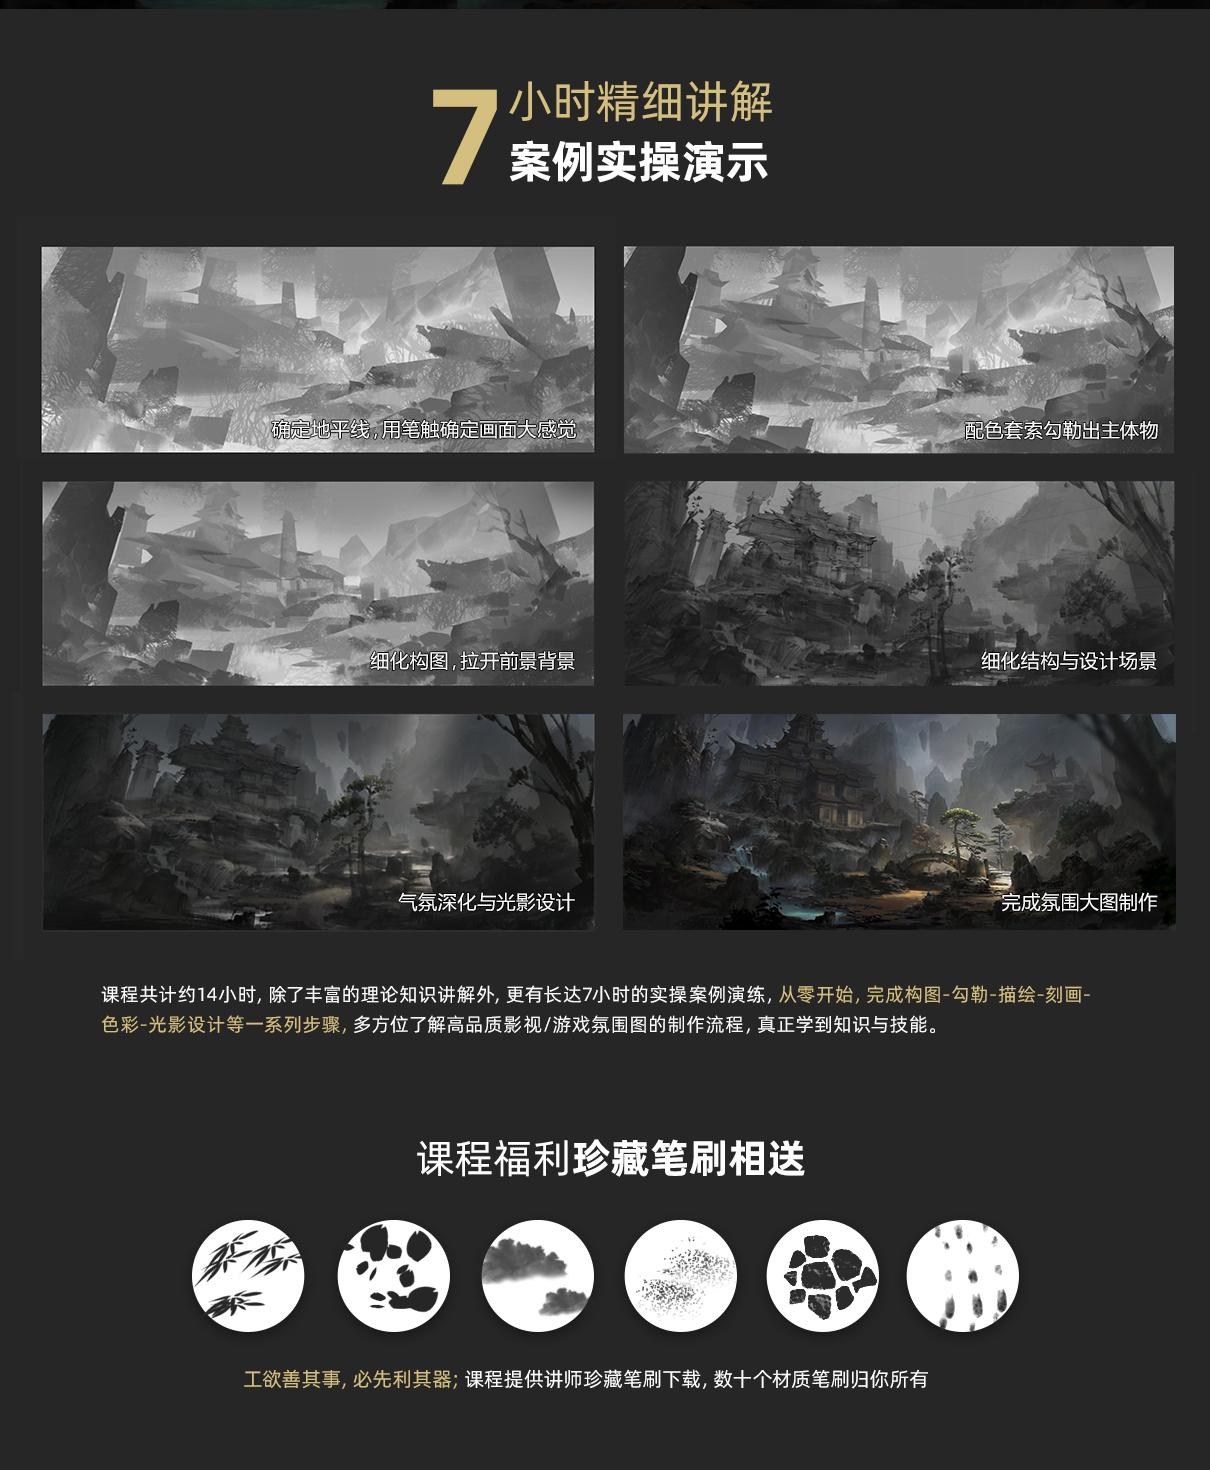 陈毅鹏原画课程1210修改_05.jpg